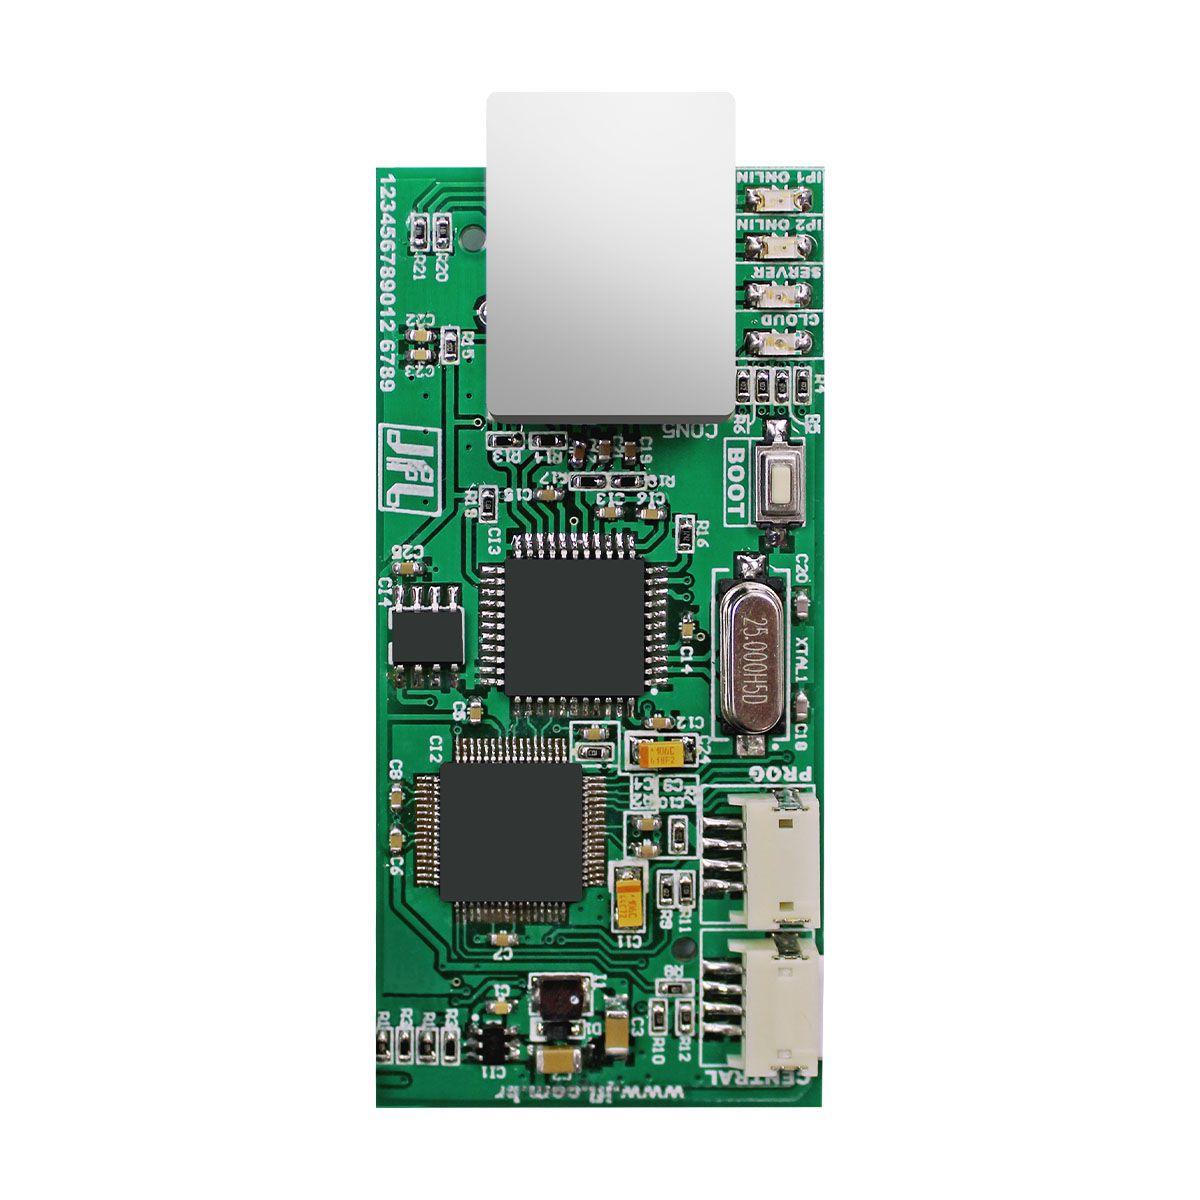 Kit Alarme Smart Cloud 18 Jfl Sensores Shc Fit e Idx 1001 Jfl